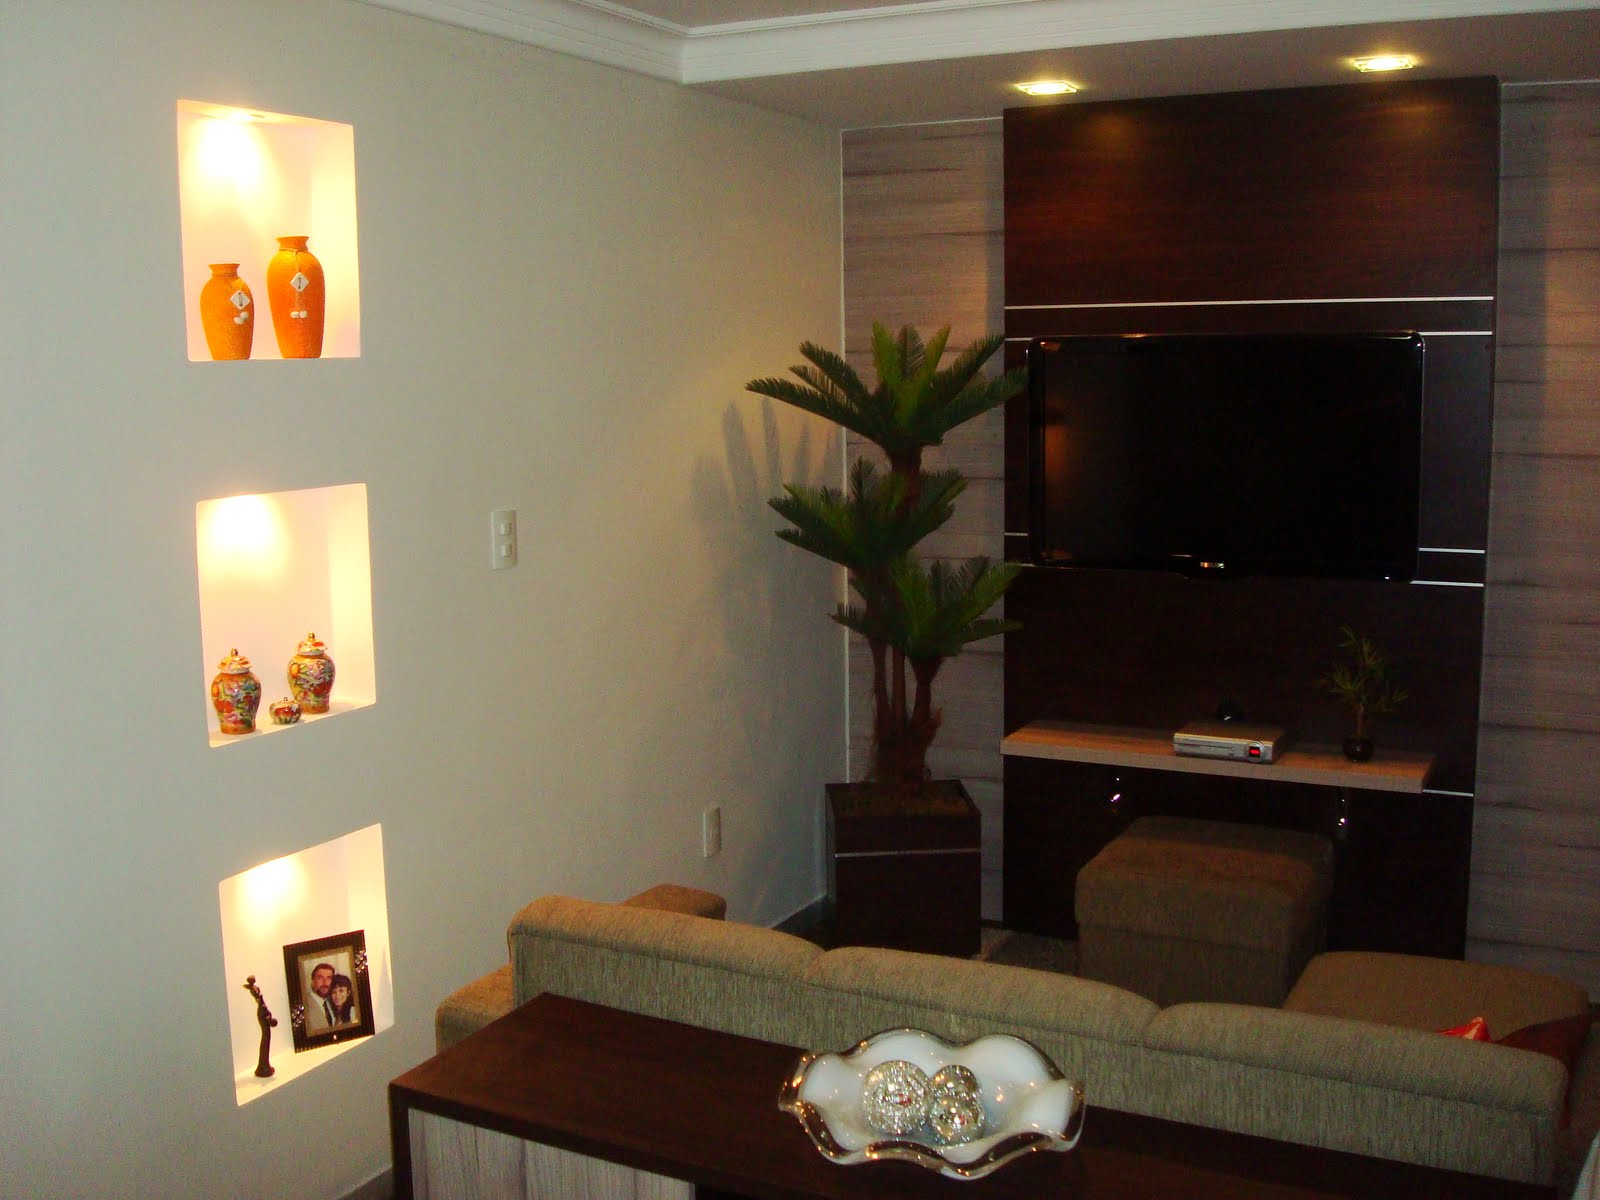 #C44407 ABF Móveis: Home / Sala de TV 1600x1200 píxeis em Como Decora Uma Sala De Tv Pequena